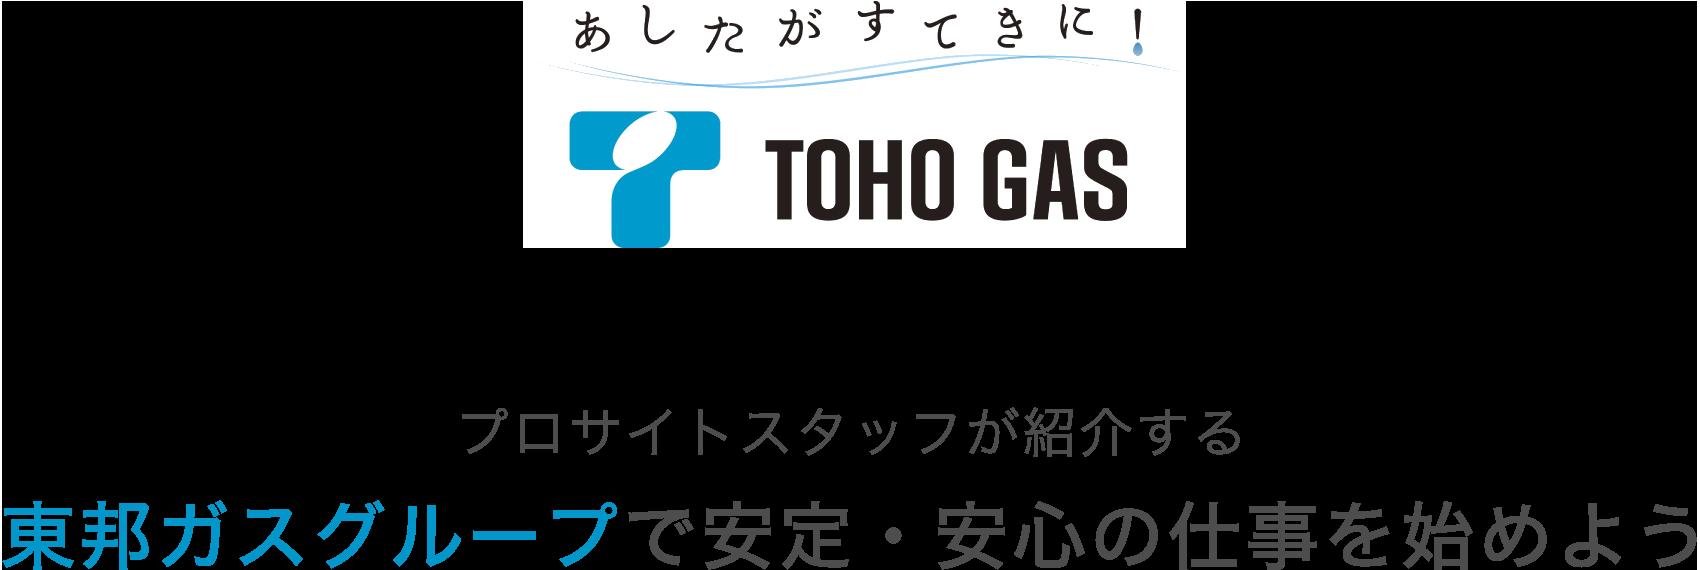 あしたがすてきに!プロサイトスタッフが紹介する東邦ガスグループで安定・安心の仕事を始めよう